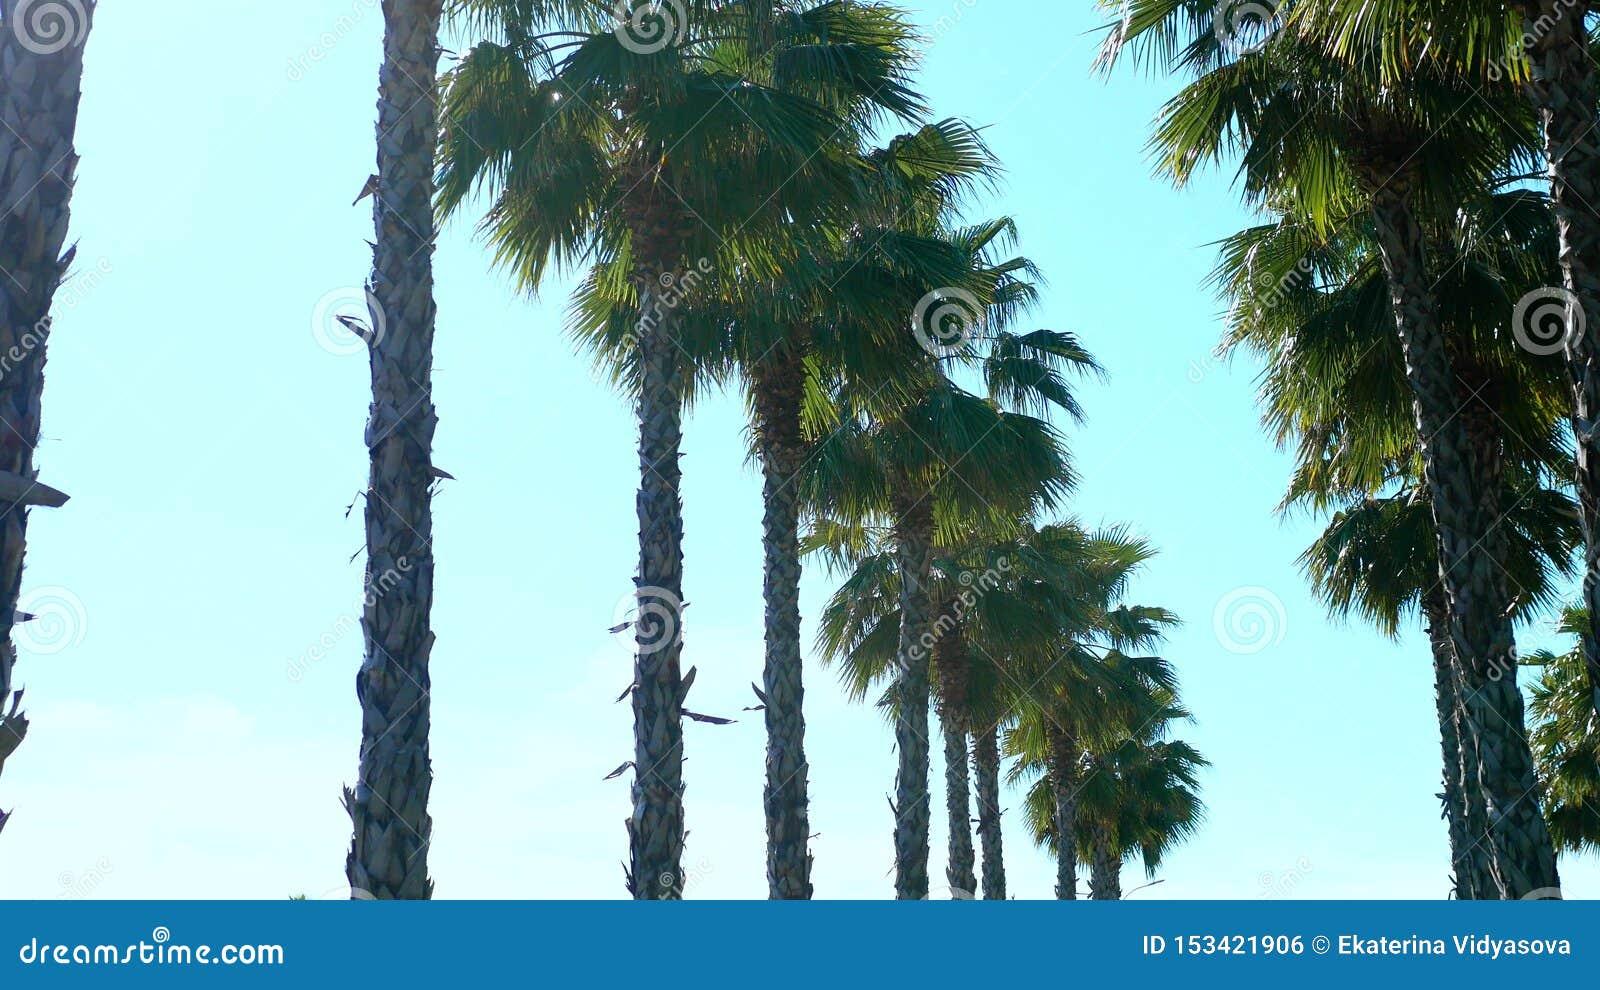 Fileira de palmeiras longas contra um céu azul, foco macio, fundo borrado